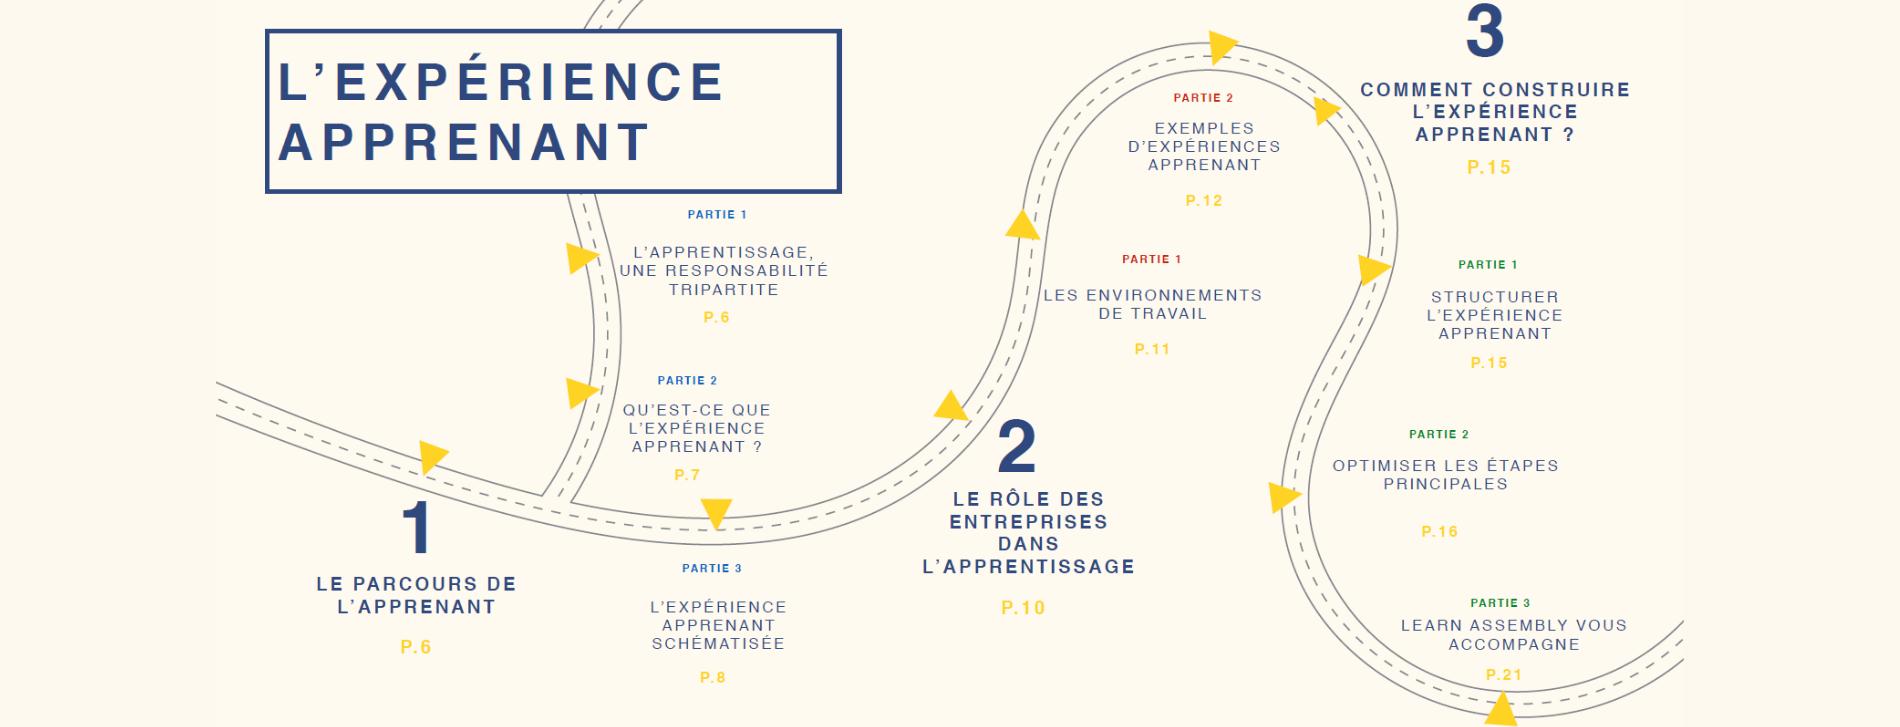 Livre blanc expérience apprenant (9)